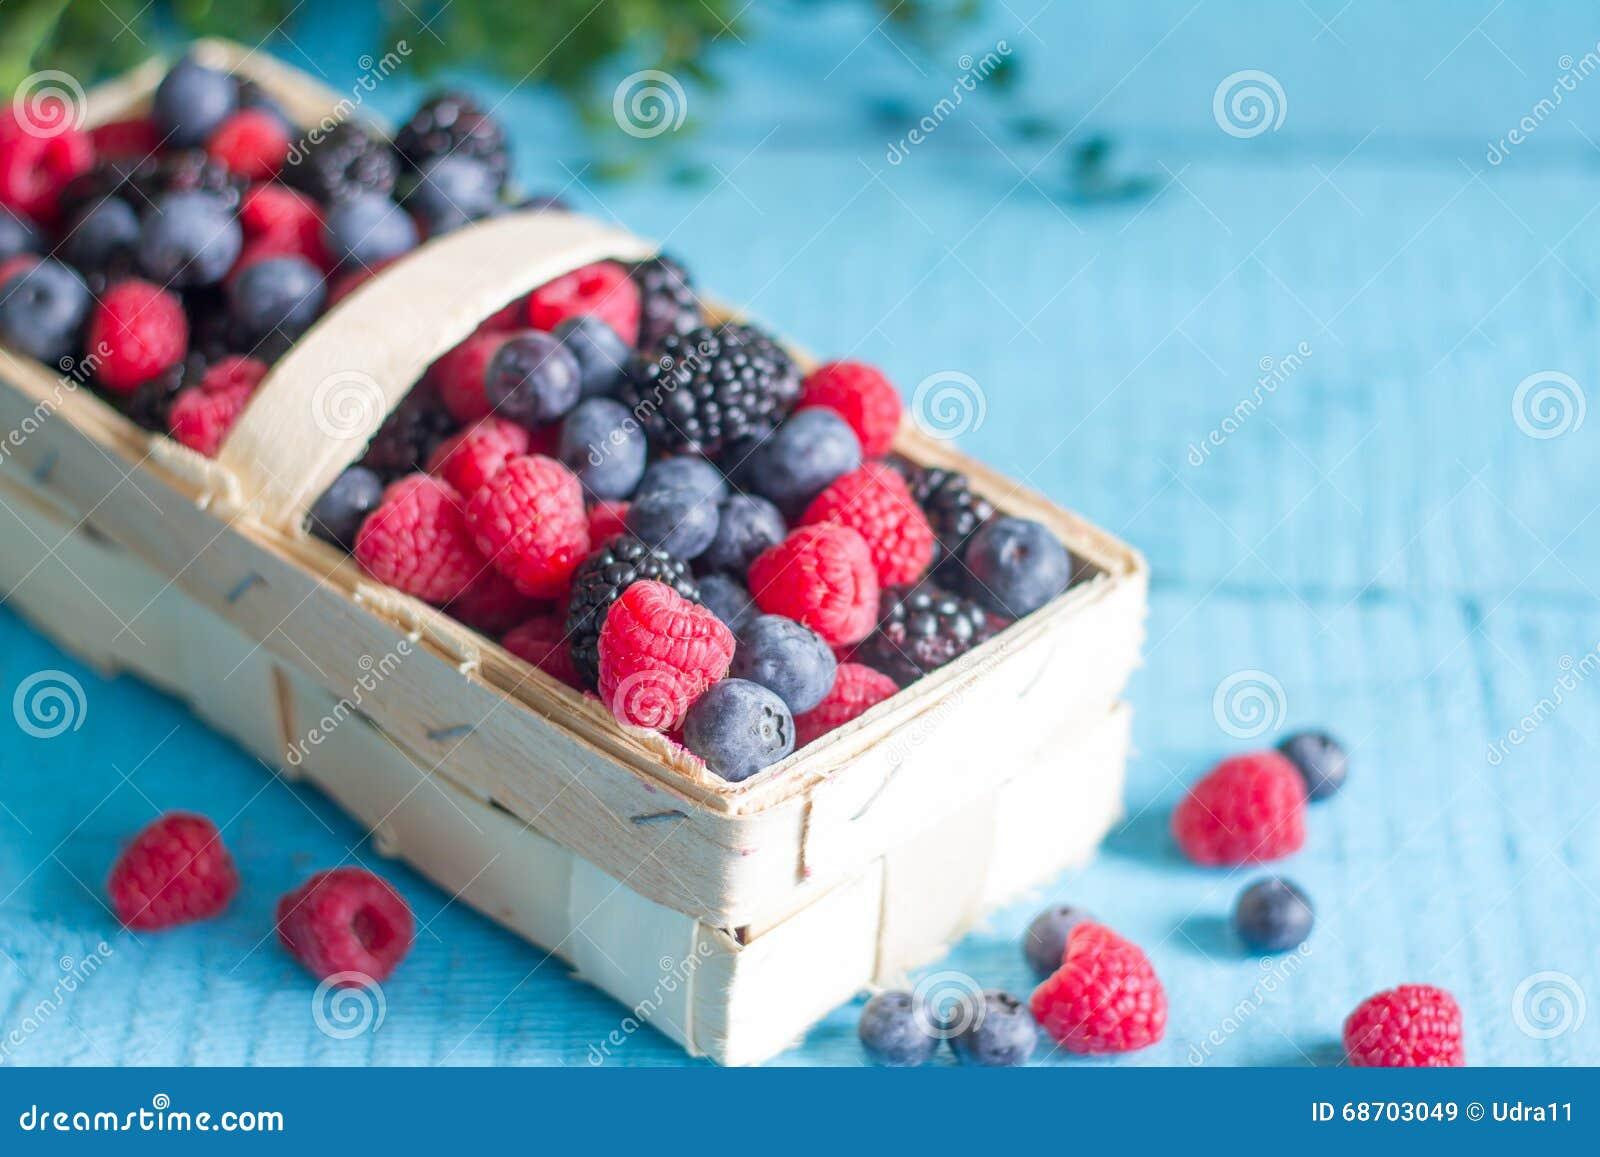 La primavera da fruto las bayas en el cestito en los tableros de madera azules